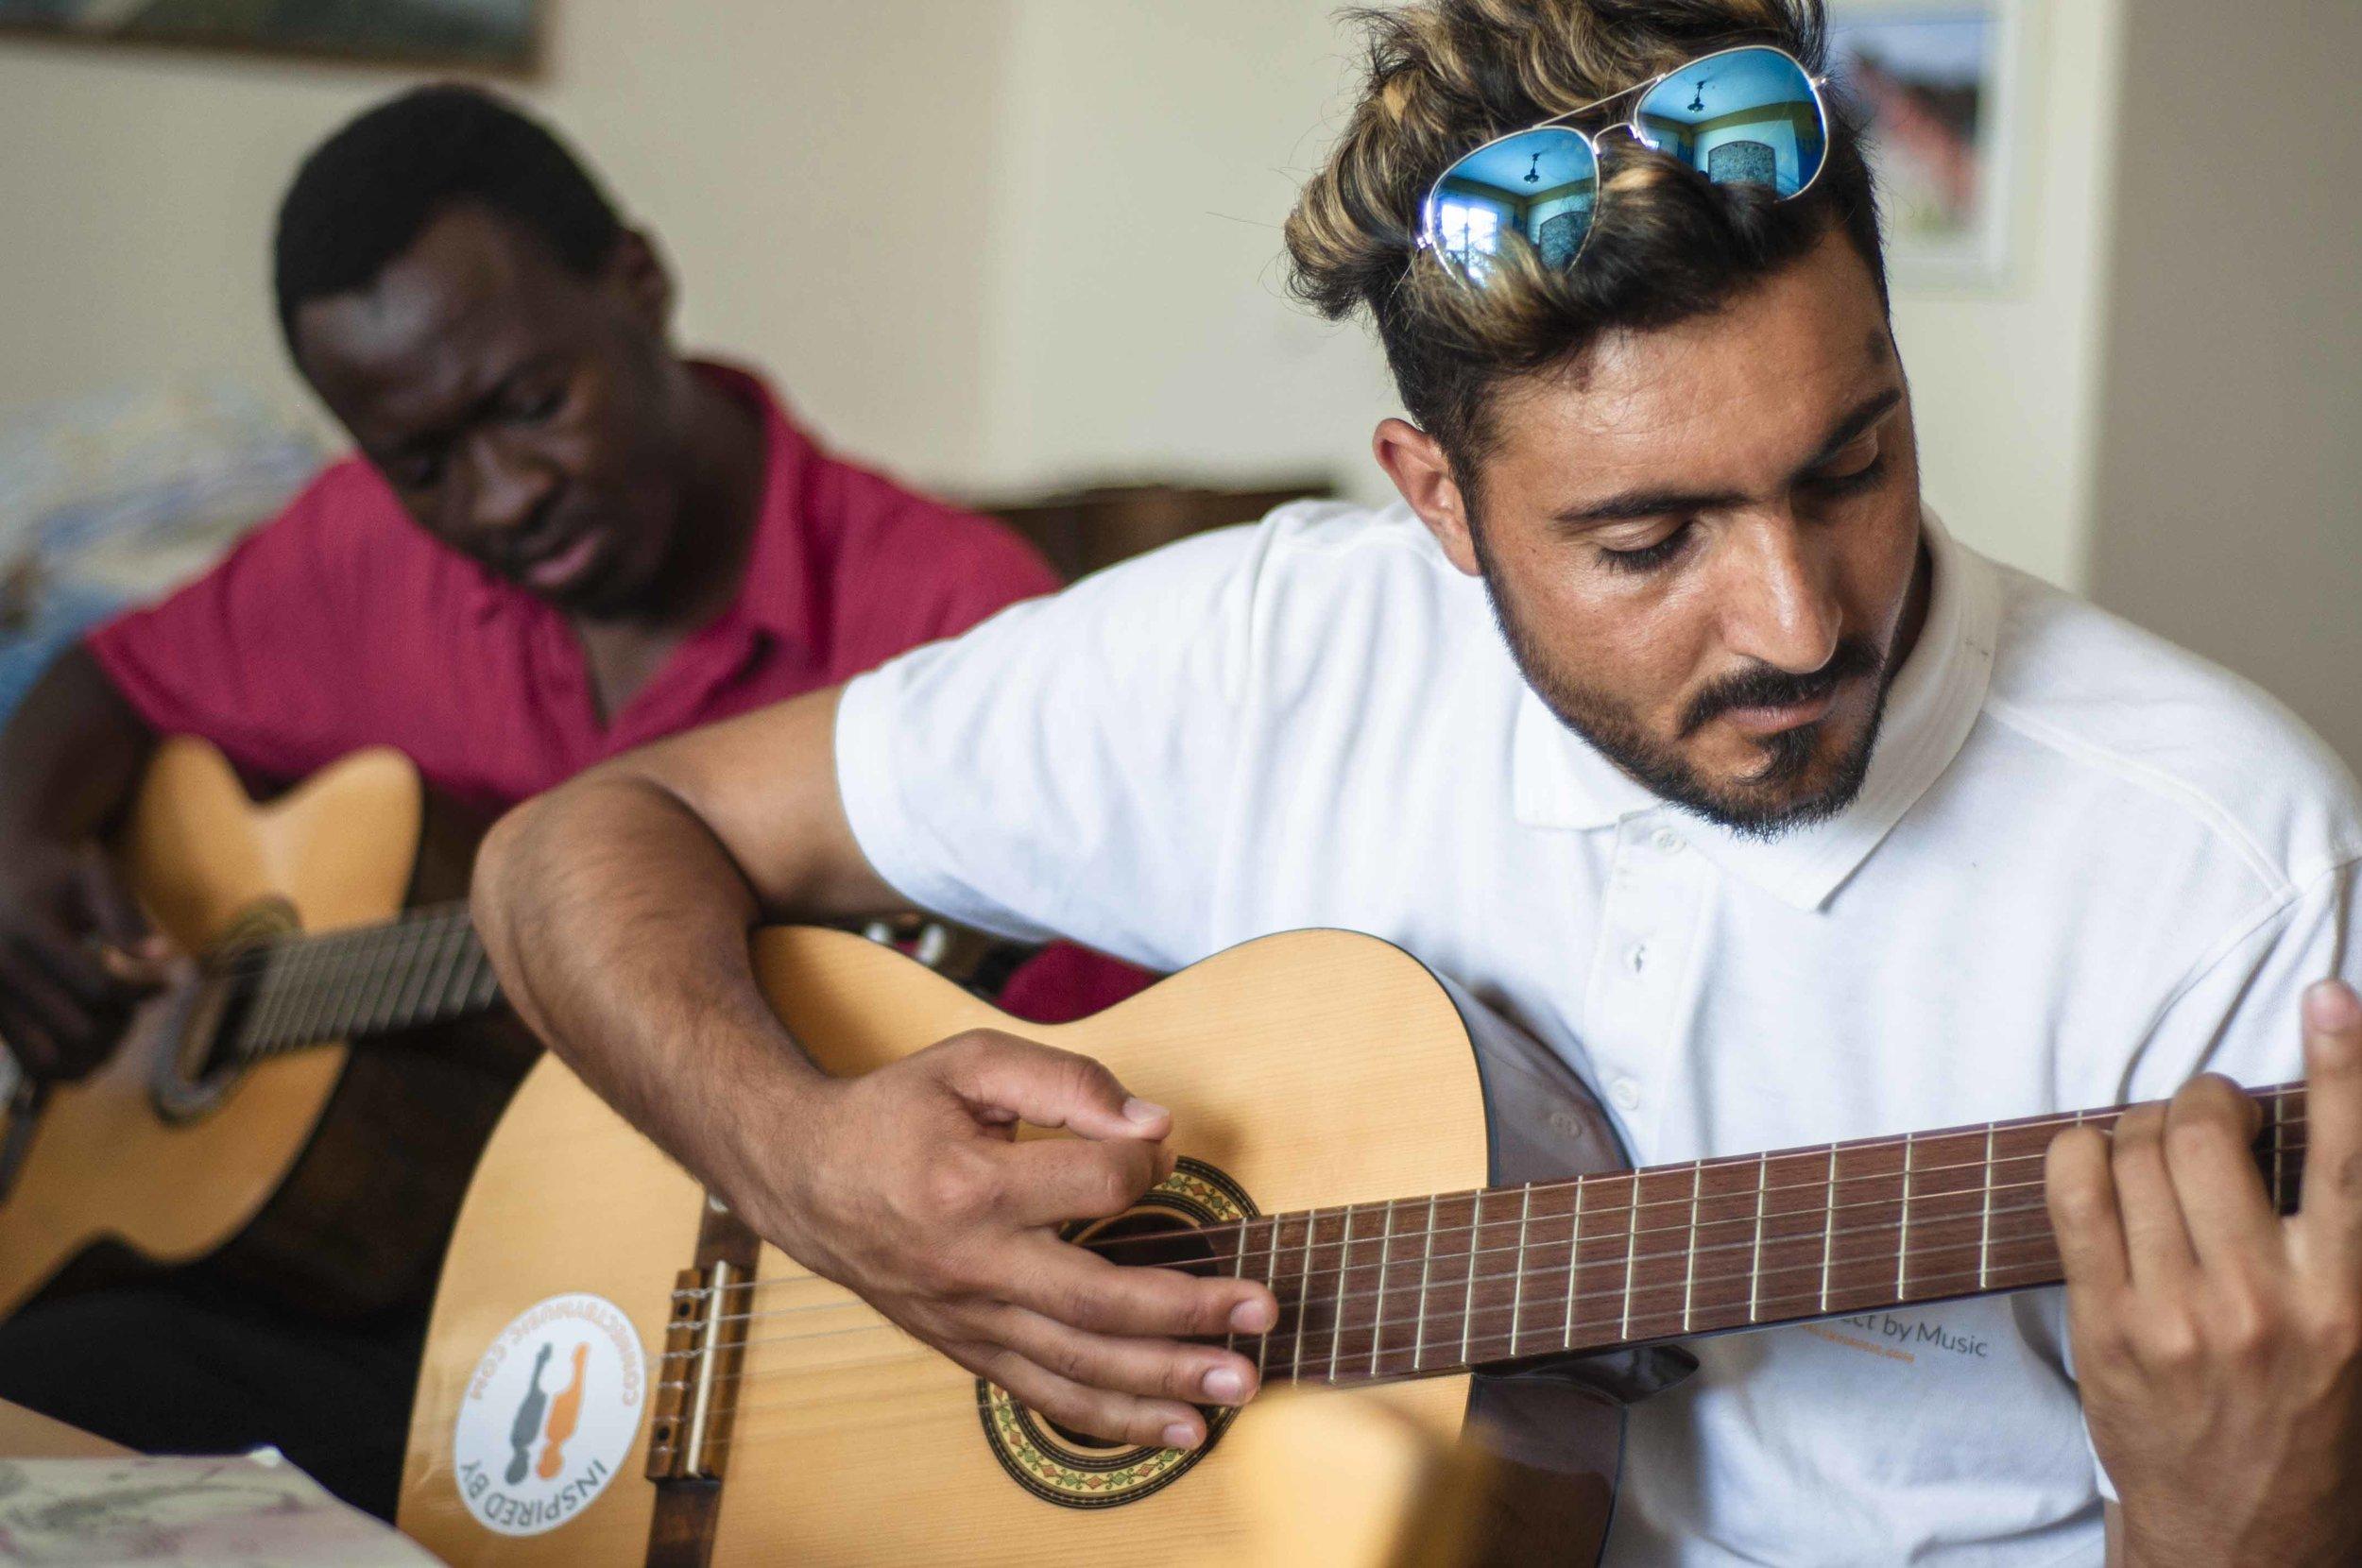 More guys playing guitar 4.jpg